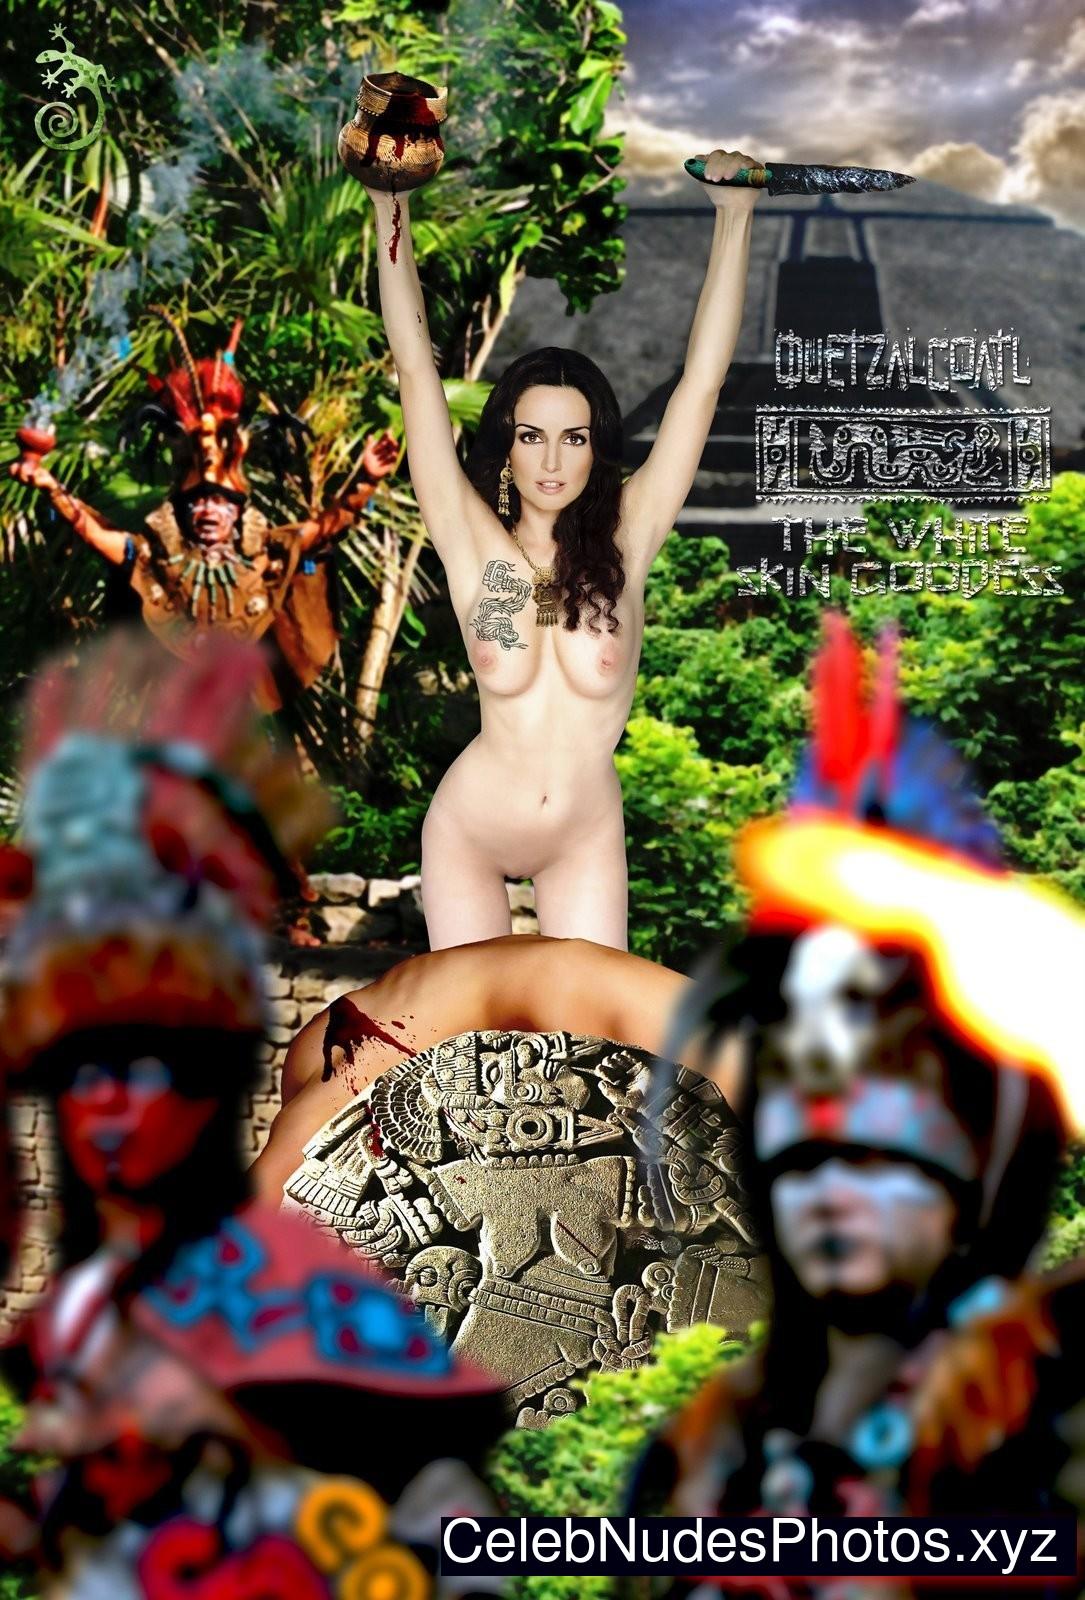 Ana de la Reguera free nude celebrities